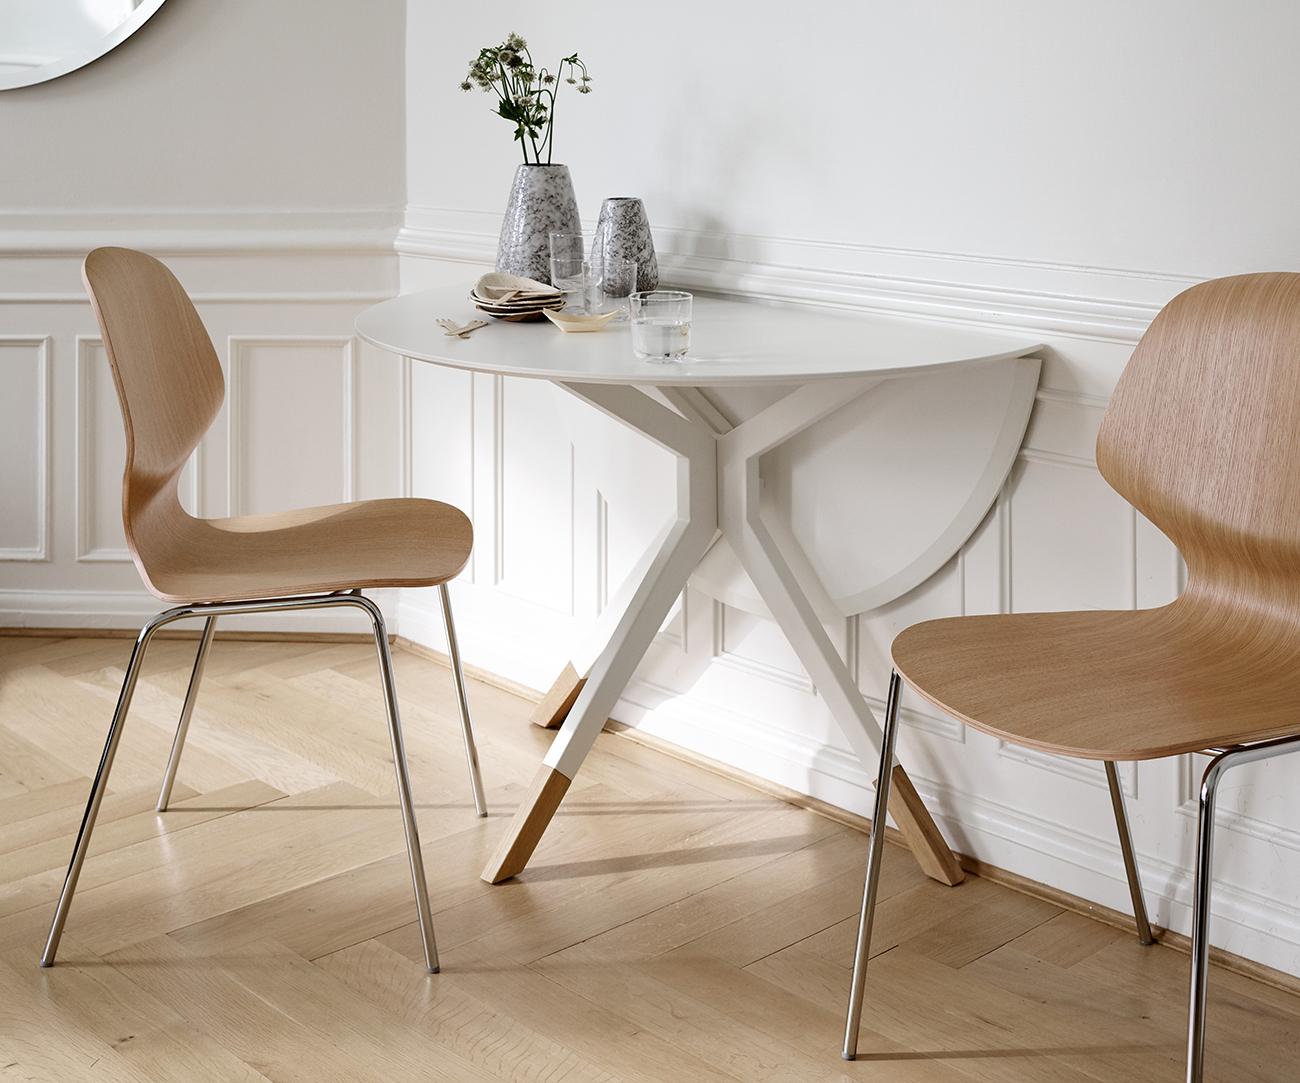 Billund white dining table